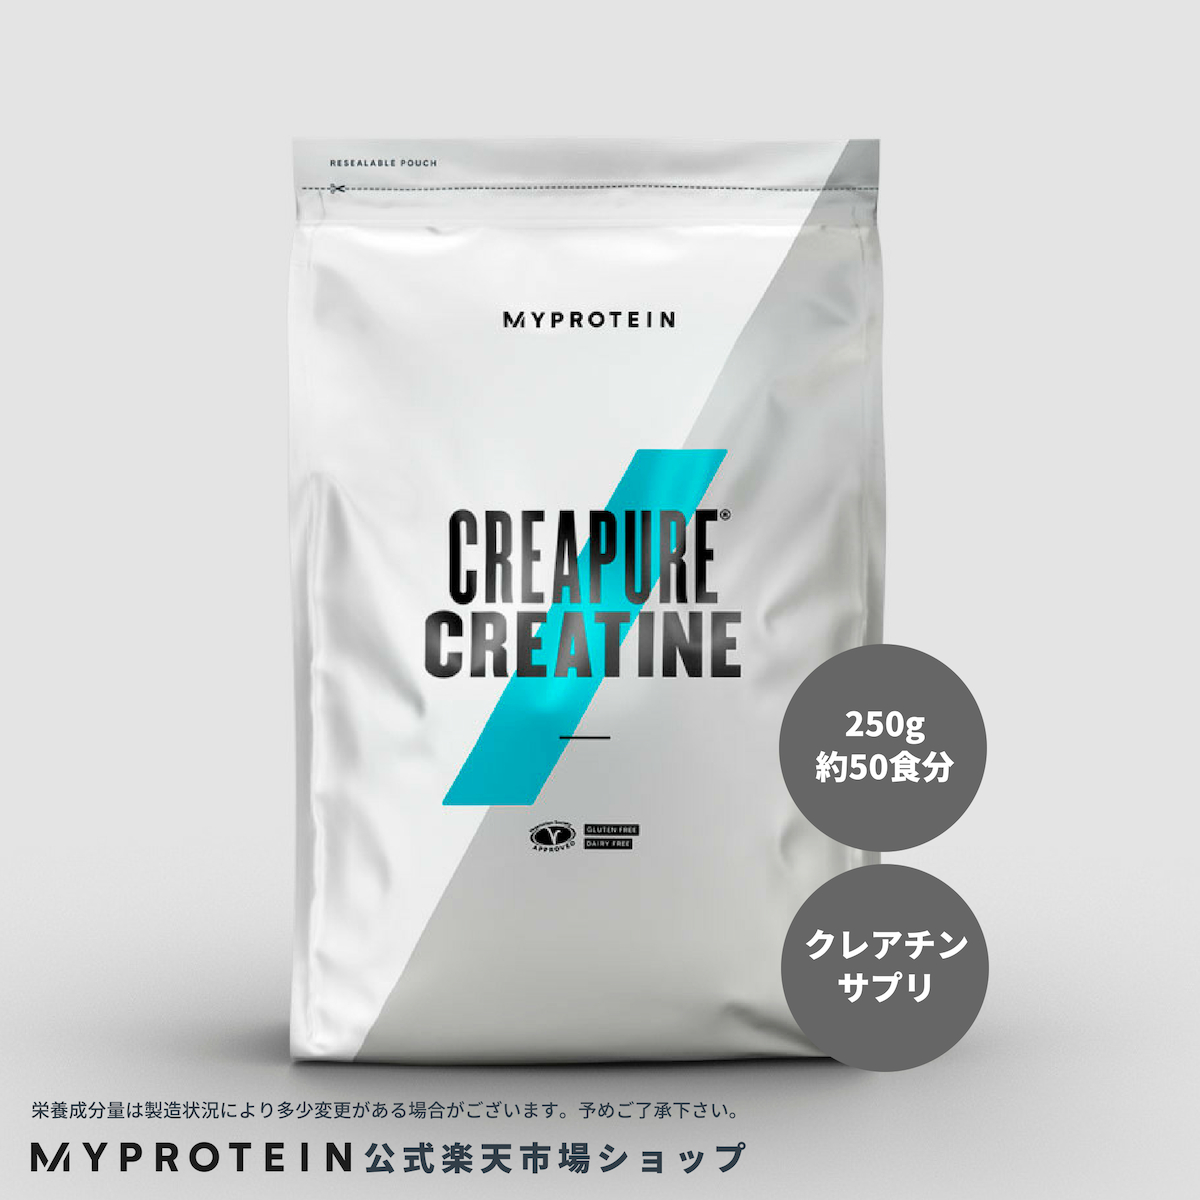 マイプロテイン 公式 【MyProtein】 クレアピュア クレアチン 250g 約50食分| サプリメント サプリ アミノ酸 あみの酸 クレアチン クエン酸 燃焼系 スポーツサプリ ダイエットサプリ パウダー モノハイドレート